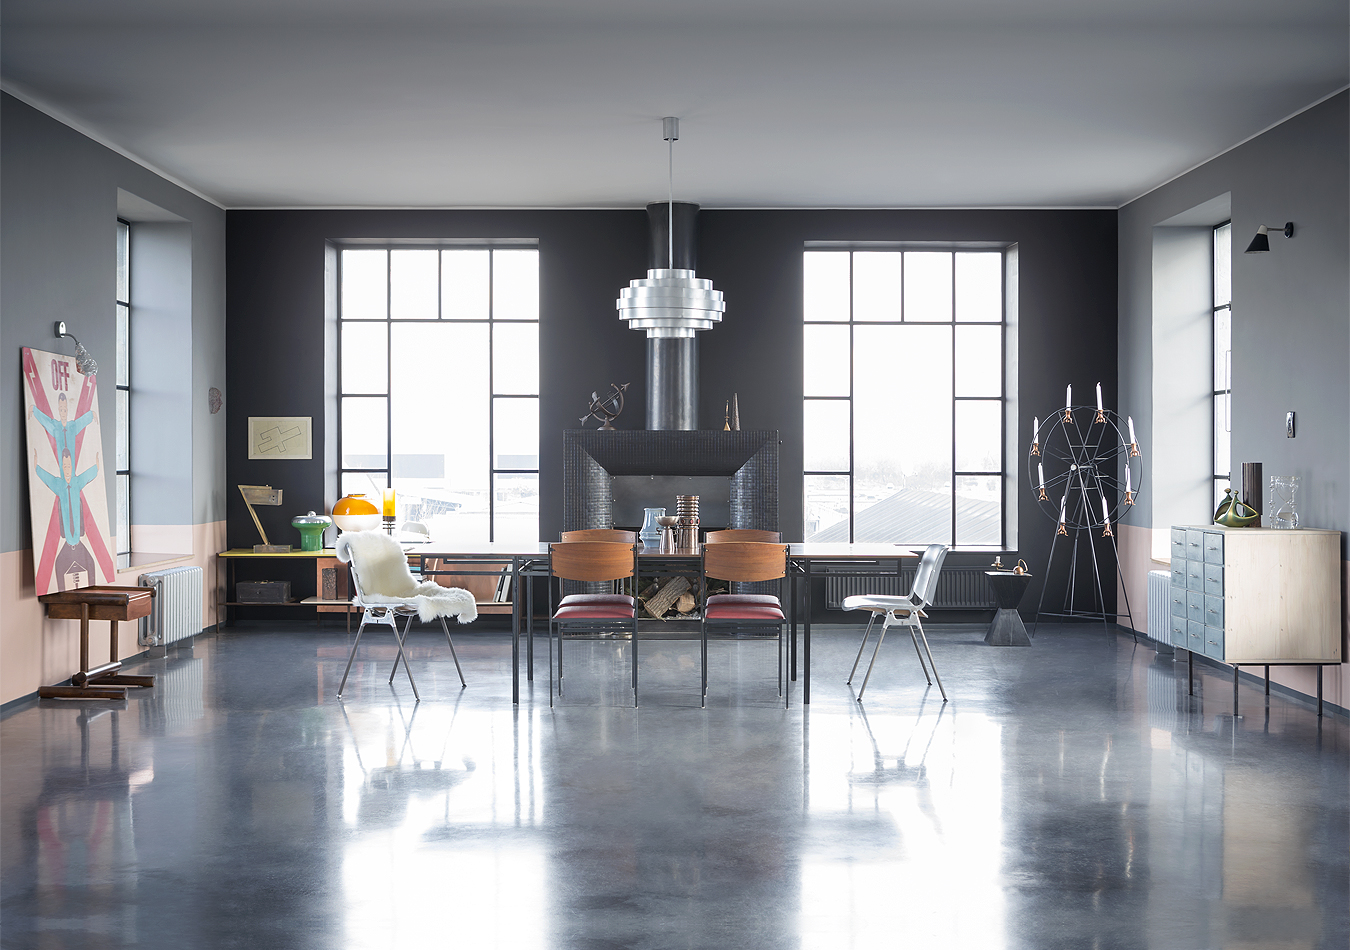 A z loft house a z design studio for Idee amenagement interieur